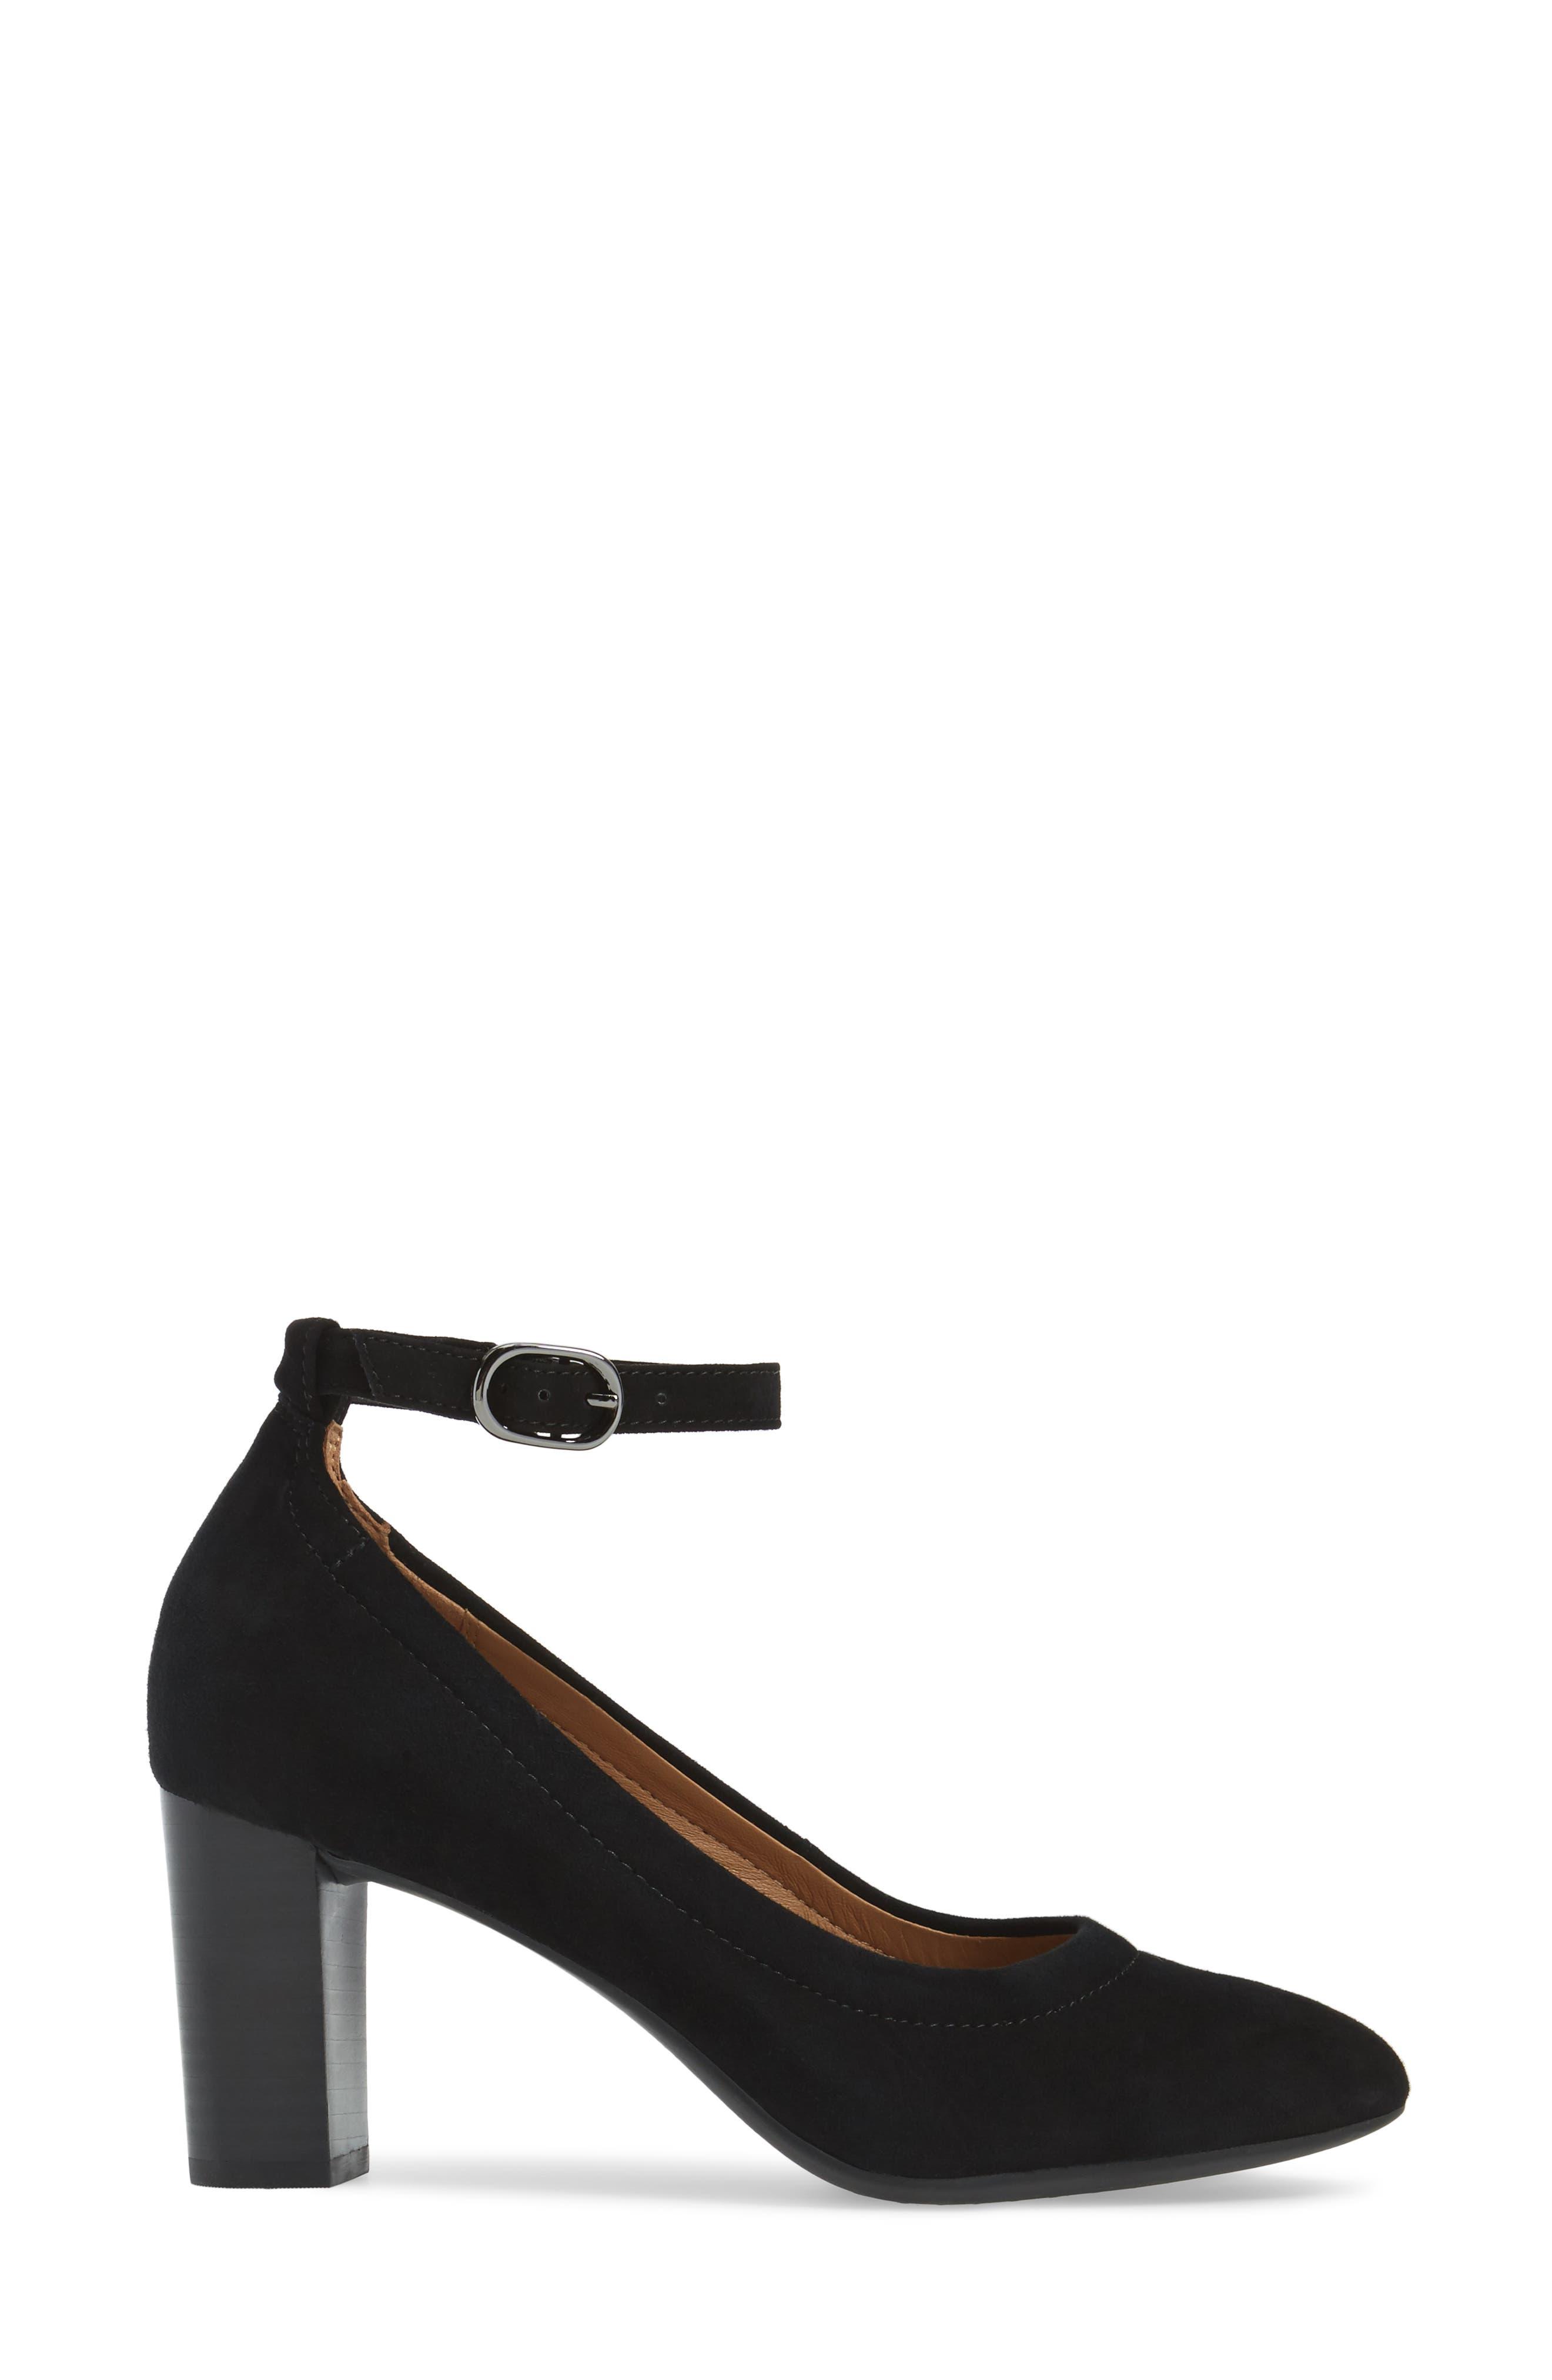 Chryssa Jana Ankle Strap Pump,                             Alternate thumbnail 3, color,                             Black Suede